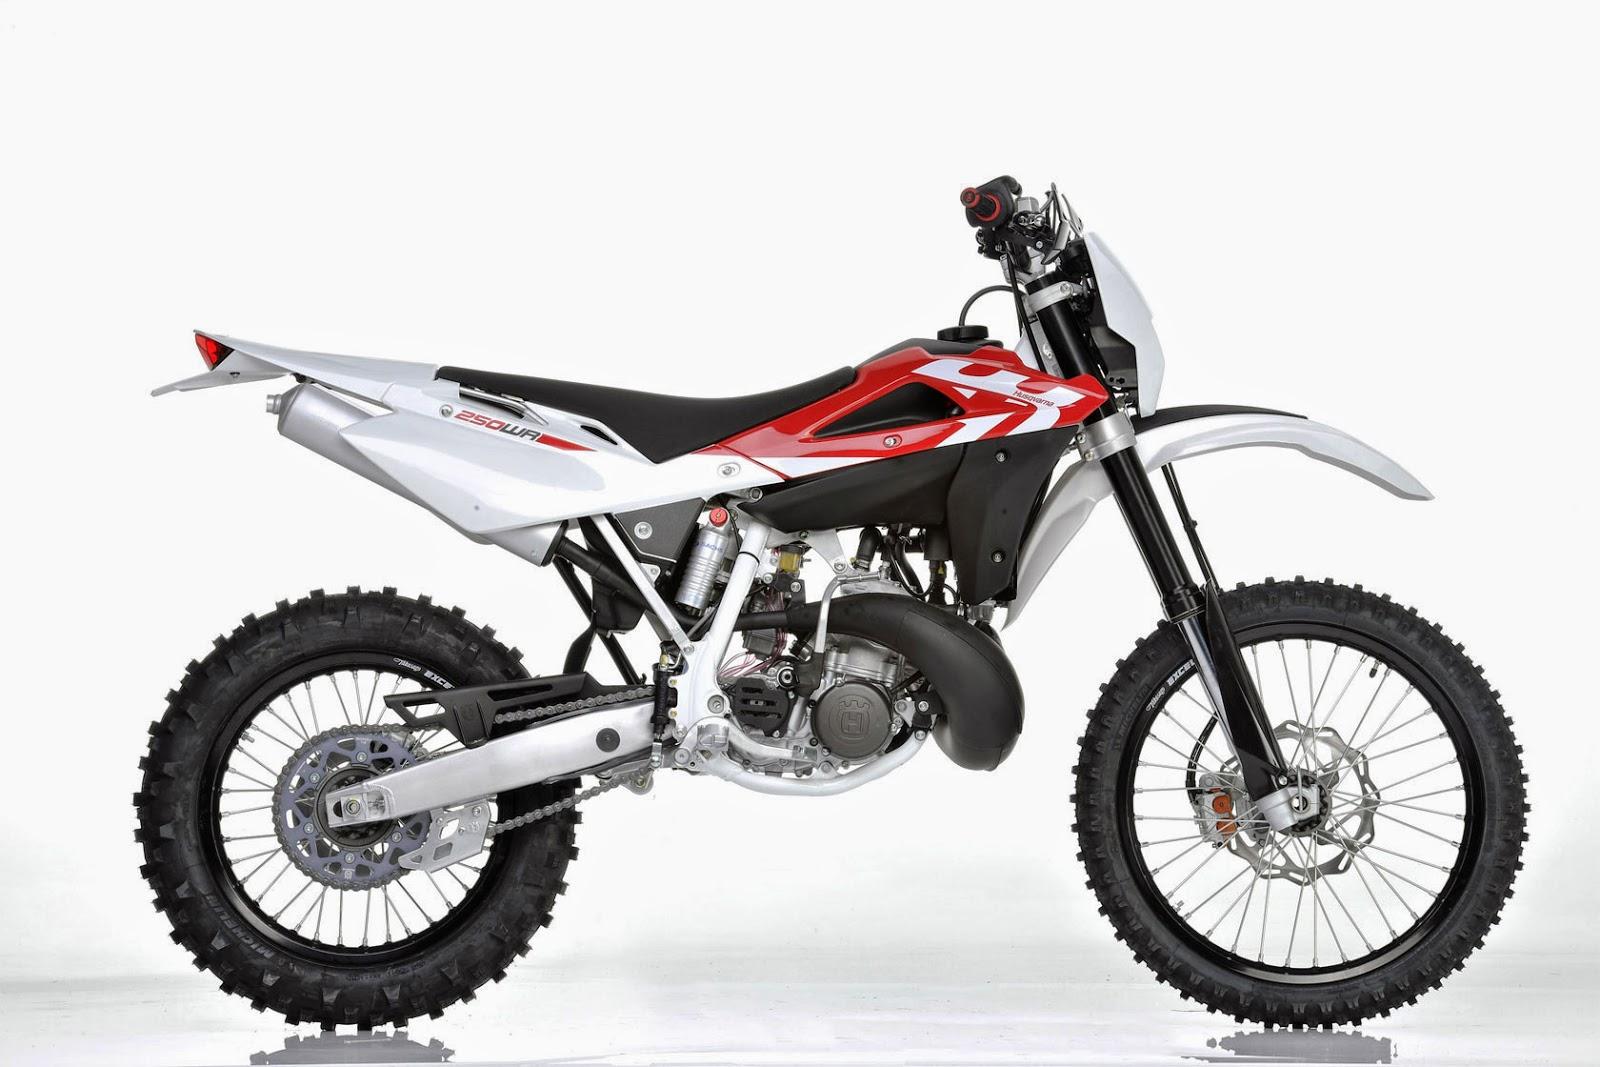 Husqvarna WR250 New Dirt Bikes